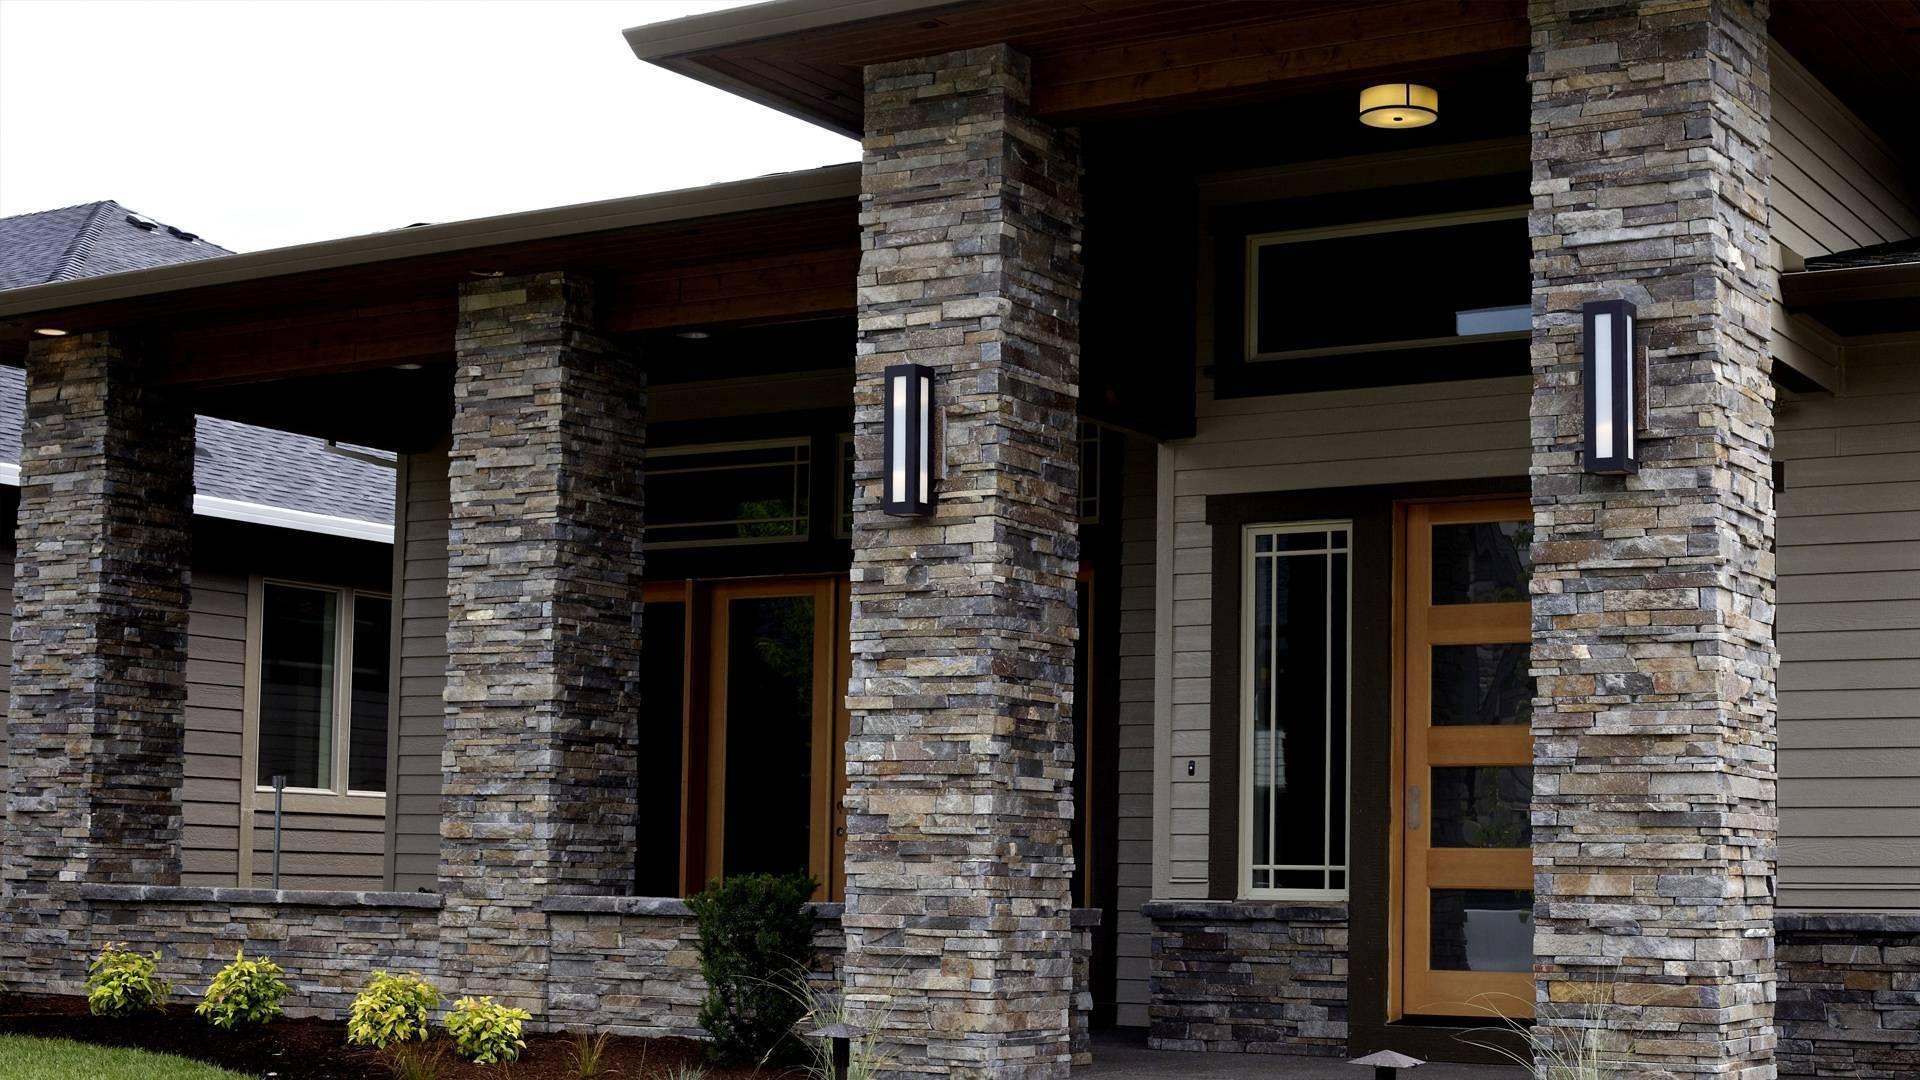 Облицовка фасада декоративным камнем: плюсы и минусы разных способов